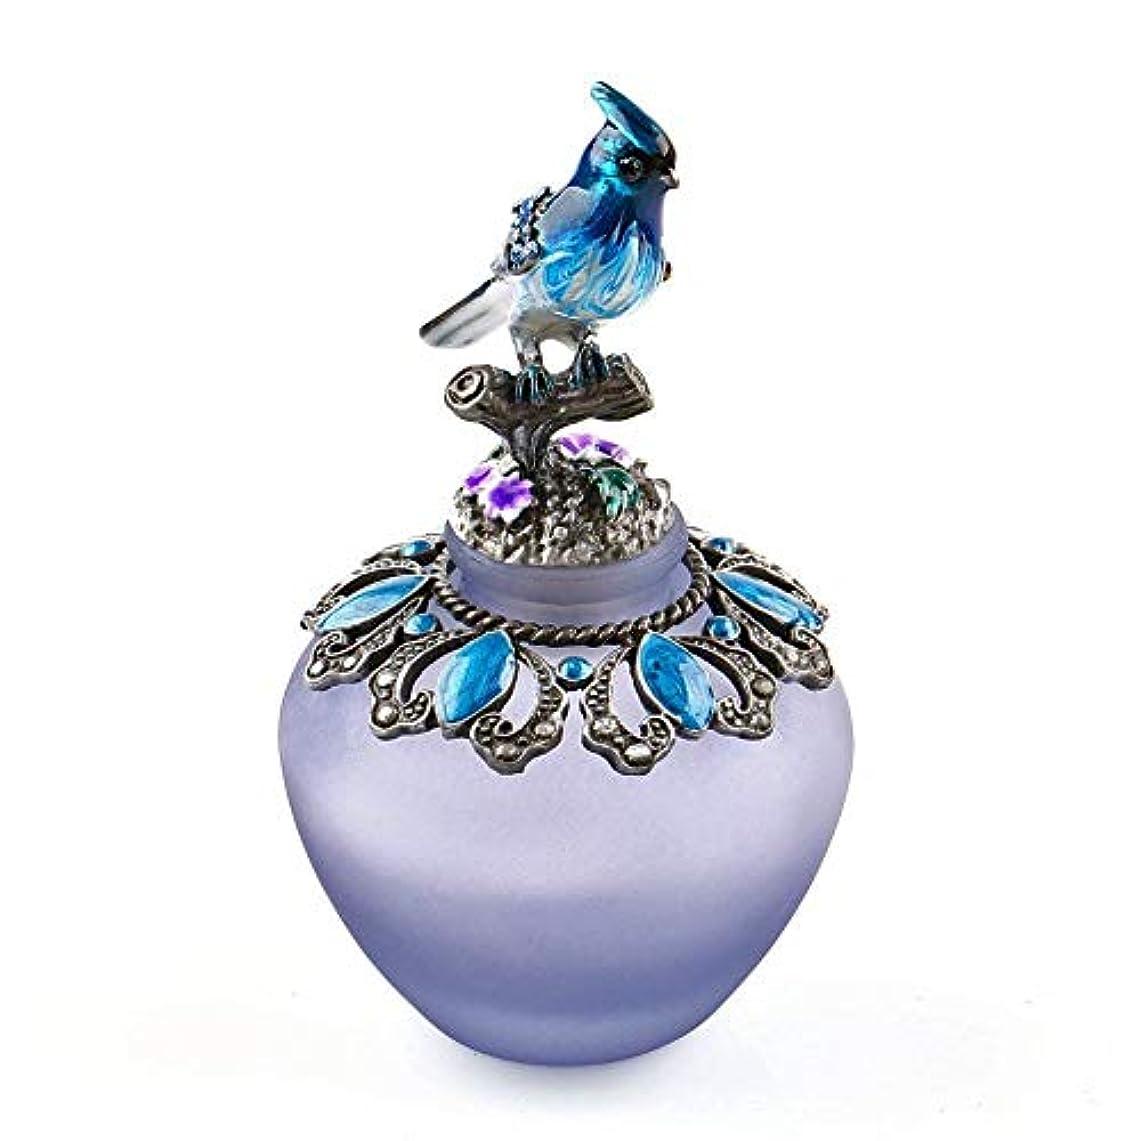 主権者元に戻すEasyRaku 高品質 美しい香水瓶 鳥40ML ガラスアロマボトル 綺麗アンティーク調欧風デザイン クリスマスプレゼント 結婚式 飾り